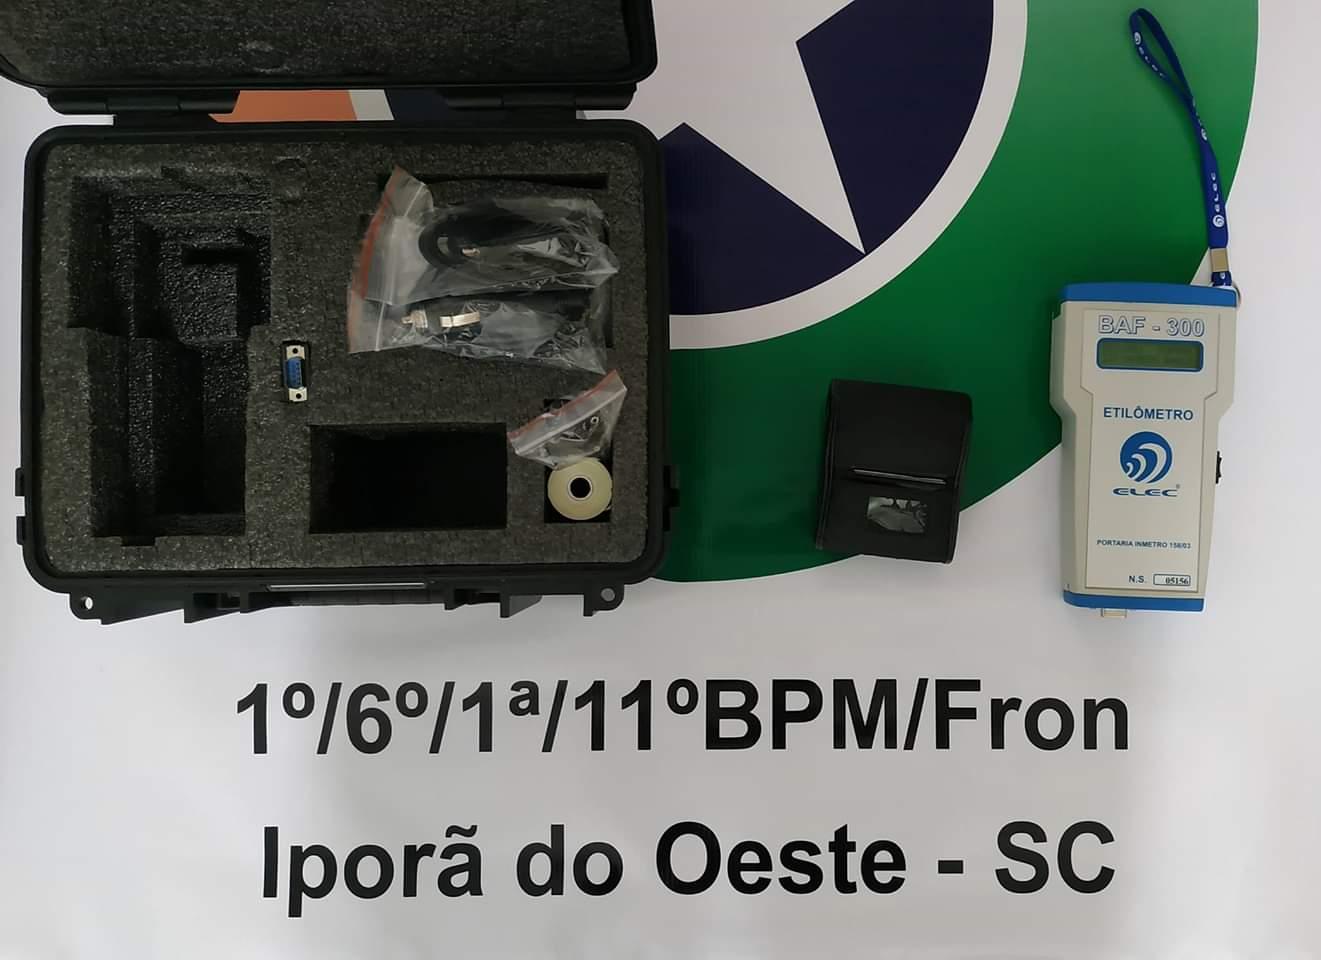 Polícia Militar de Iporã do Oeste recebe etilômetro